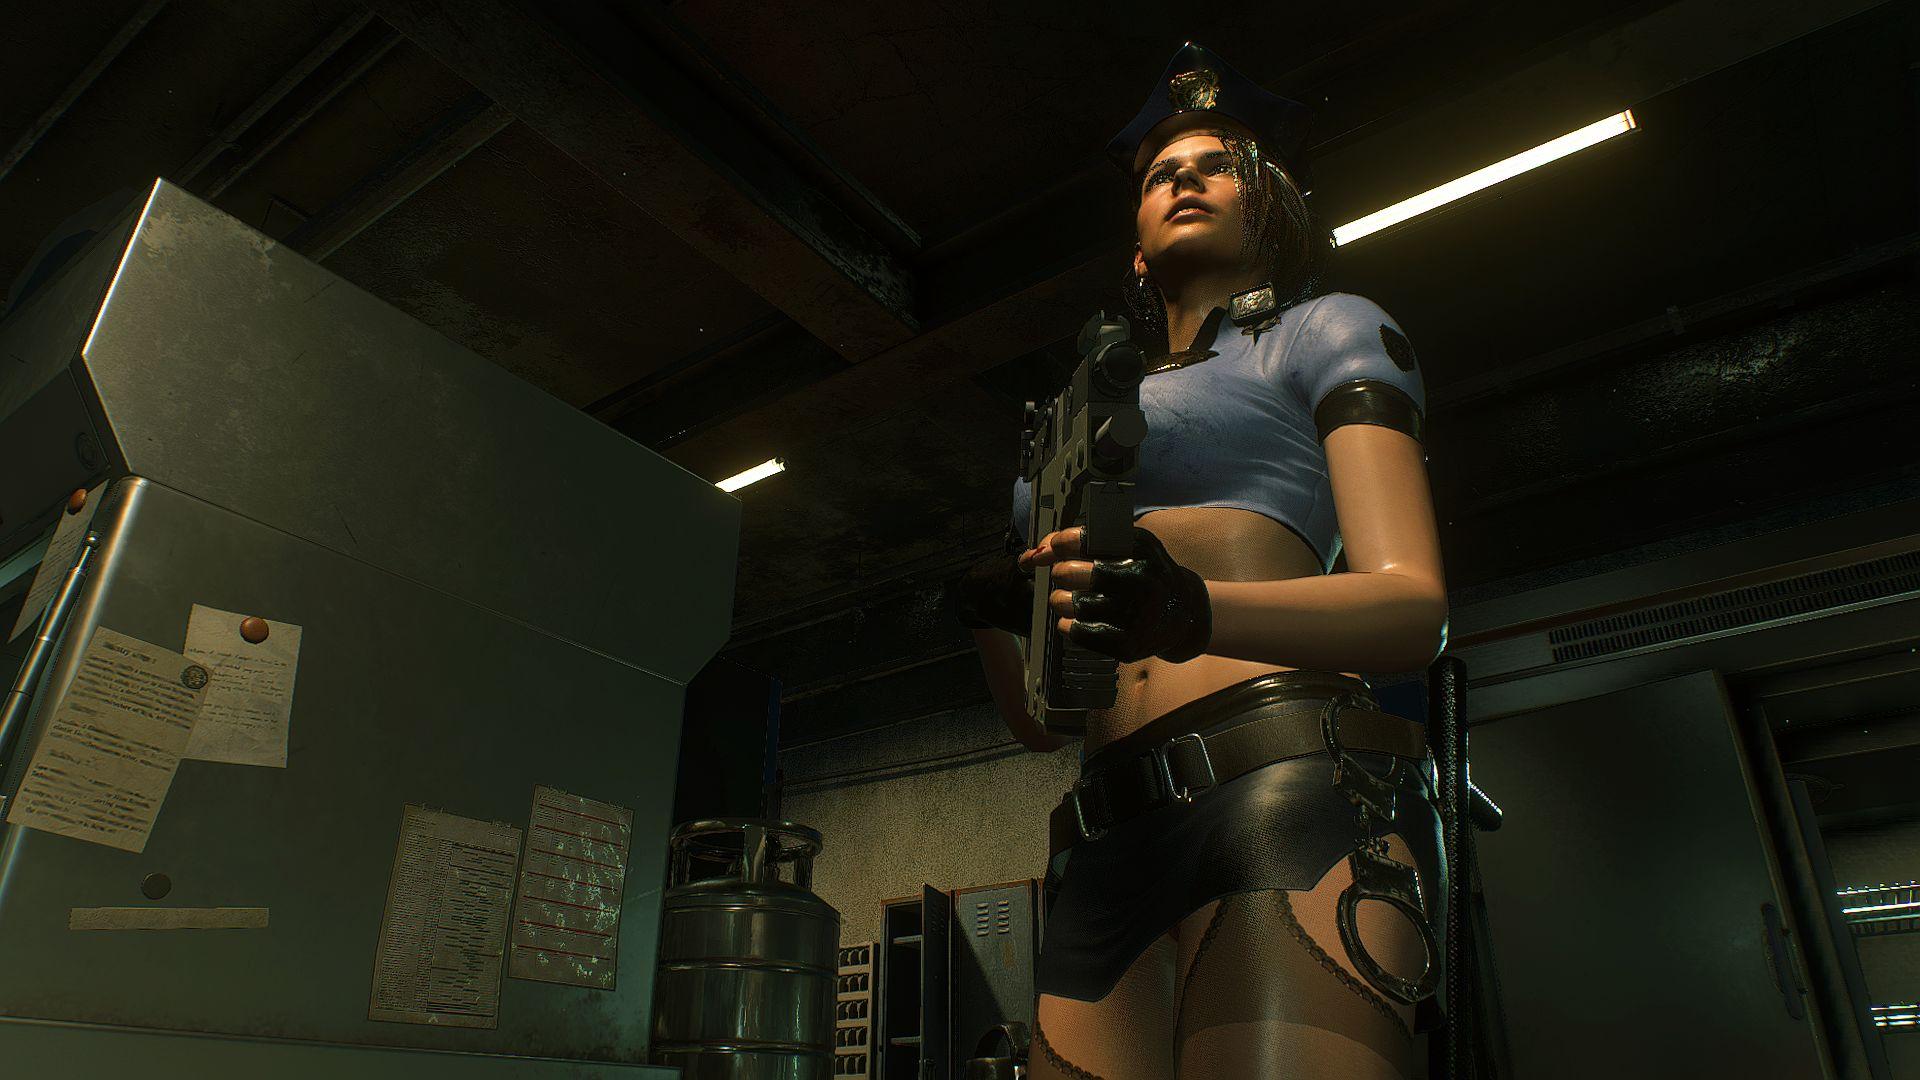 001000.Jpg - Resident Evil 3: Nemesis